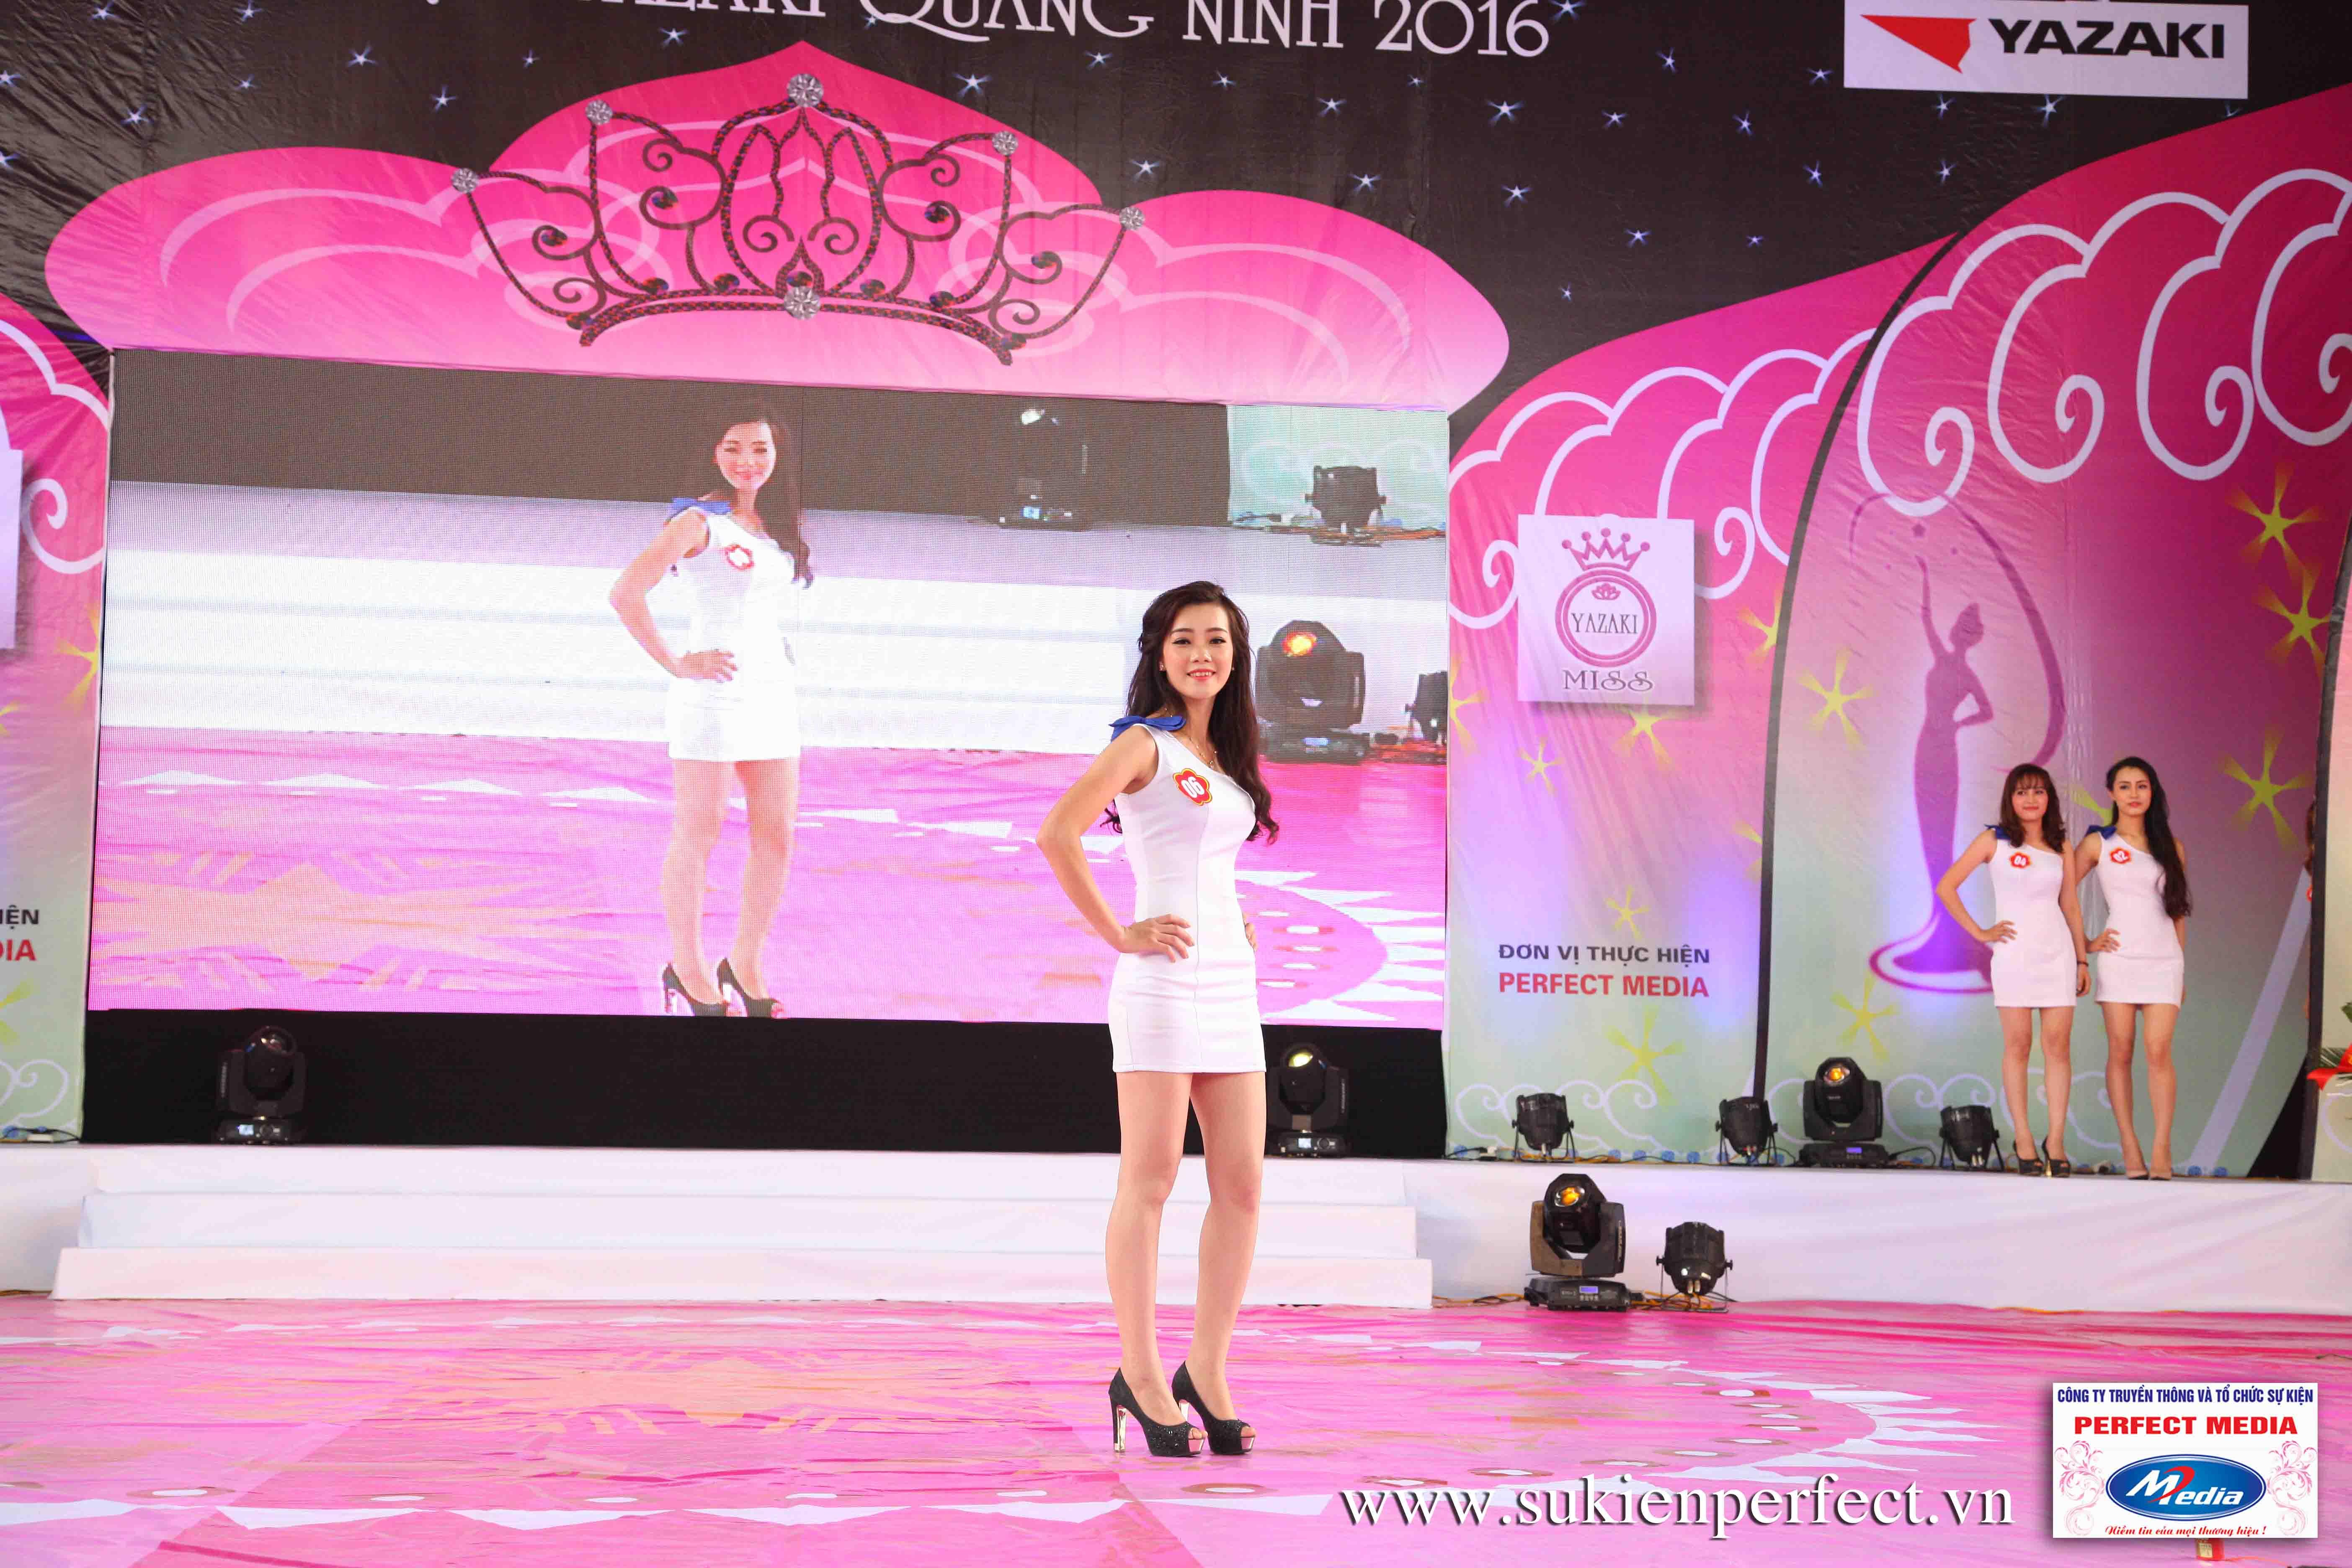 Hình ảnh các thí sinh trong cuộc thi Người đẹp Yazaki Quảng Ninh 2016 (Hình thể) 04